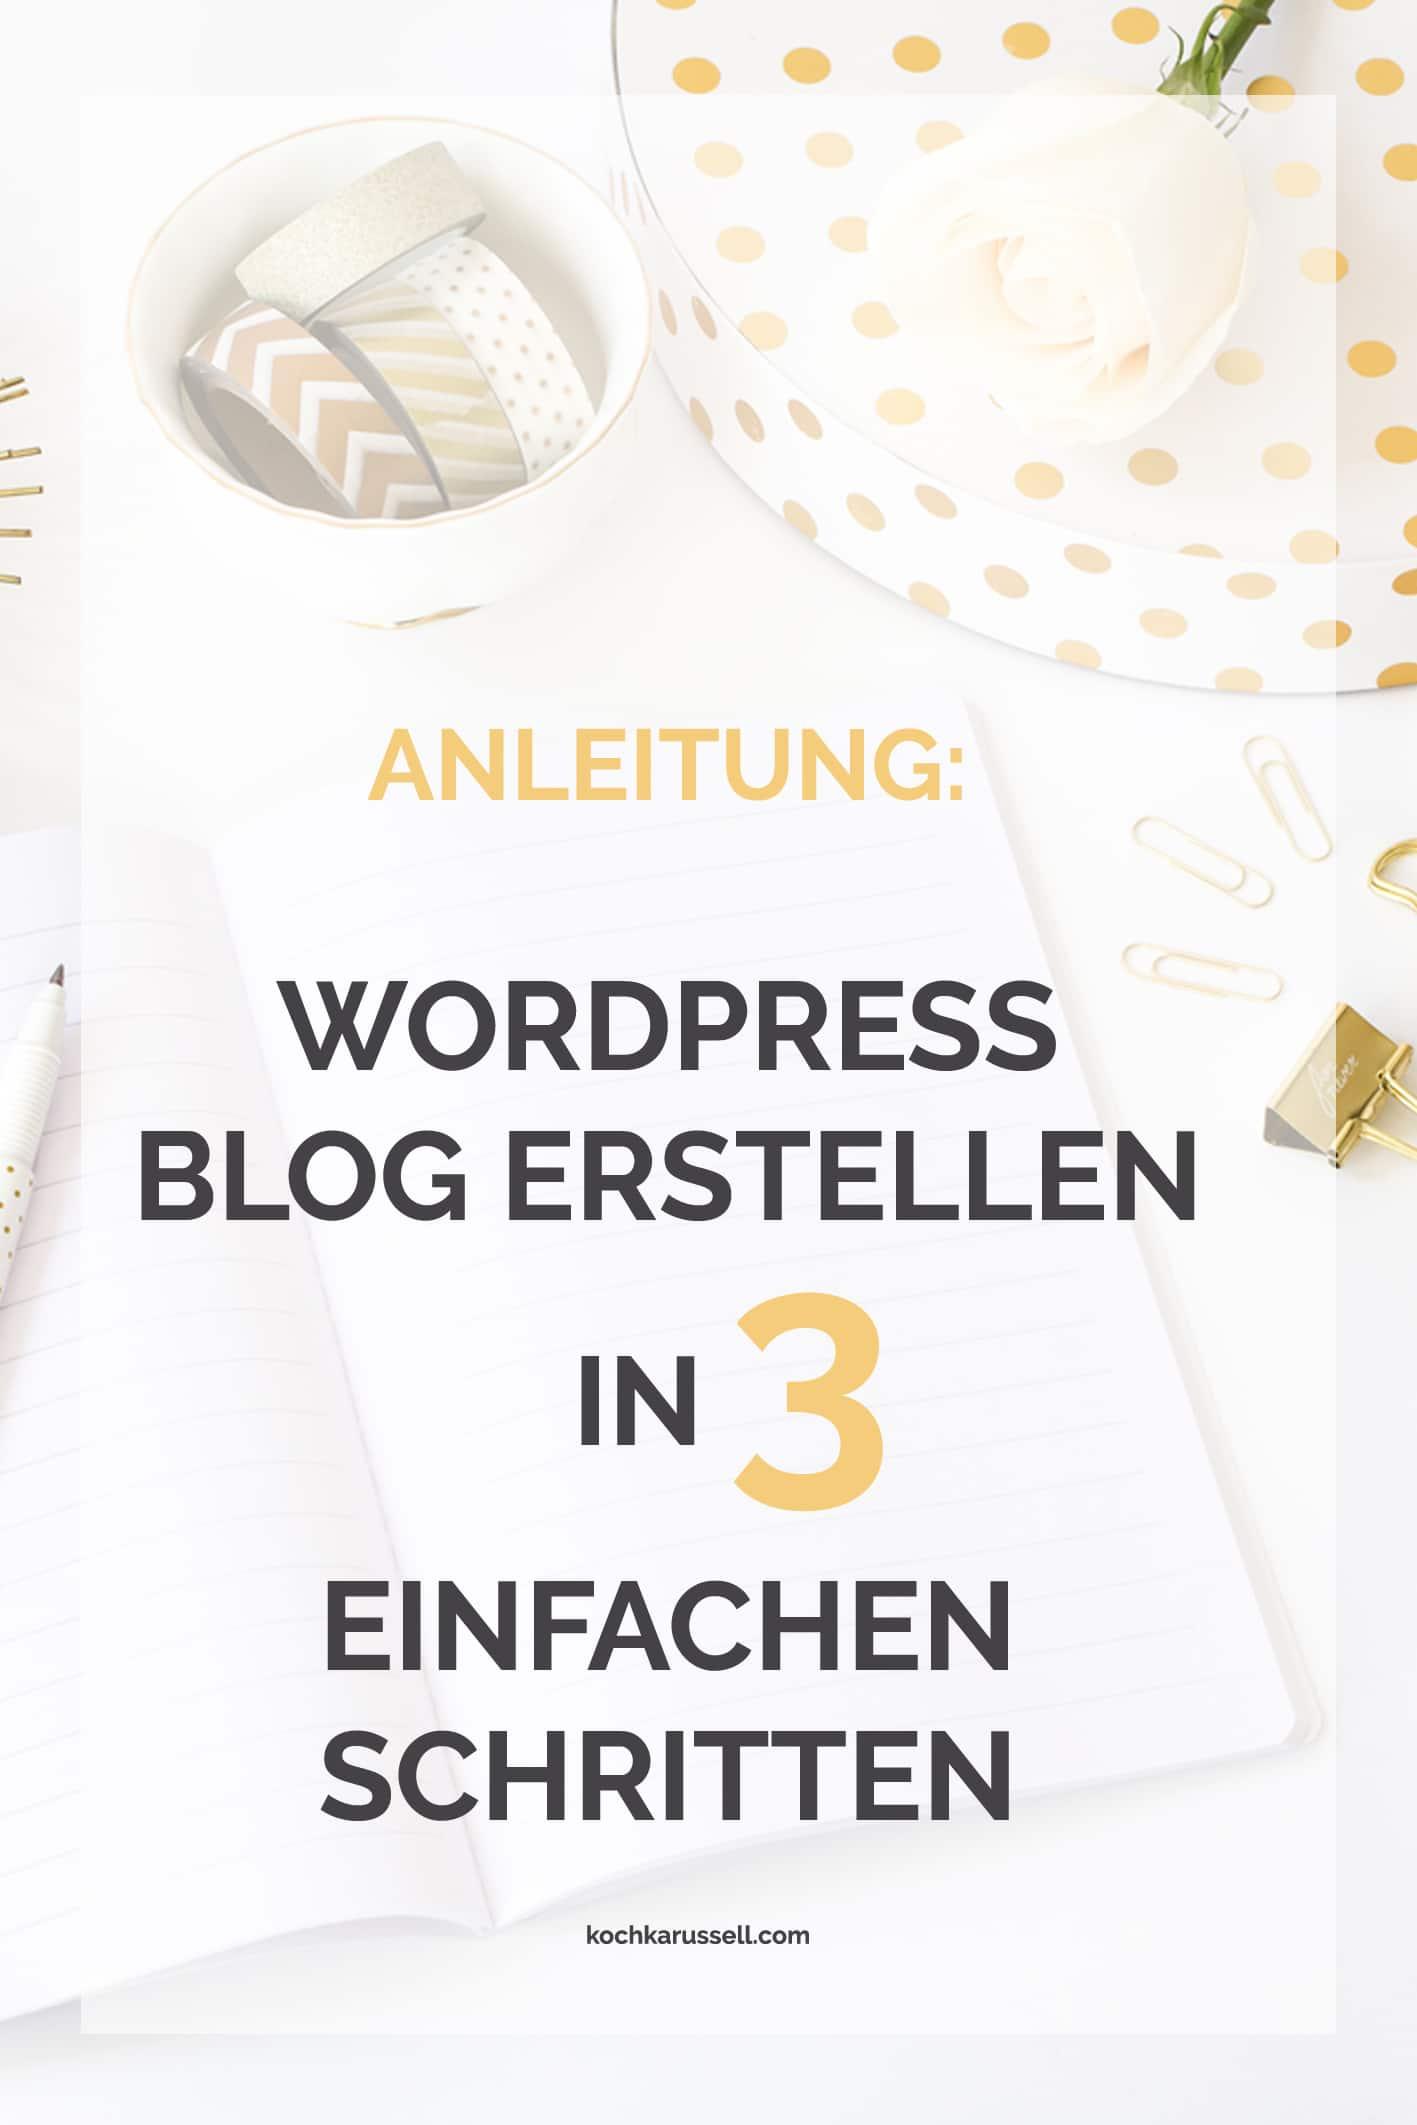 Anleitung: WordPress Blog erstellen in 3 einfachen Schritten. Mit dieser Step by Step Anleitung klappt es garantiert - Kochkarussell.com